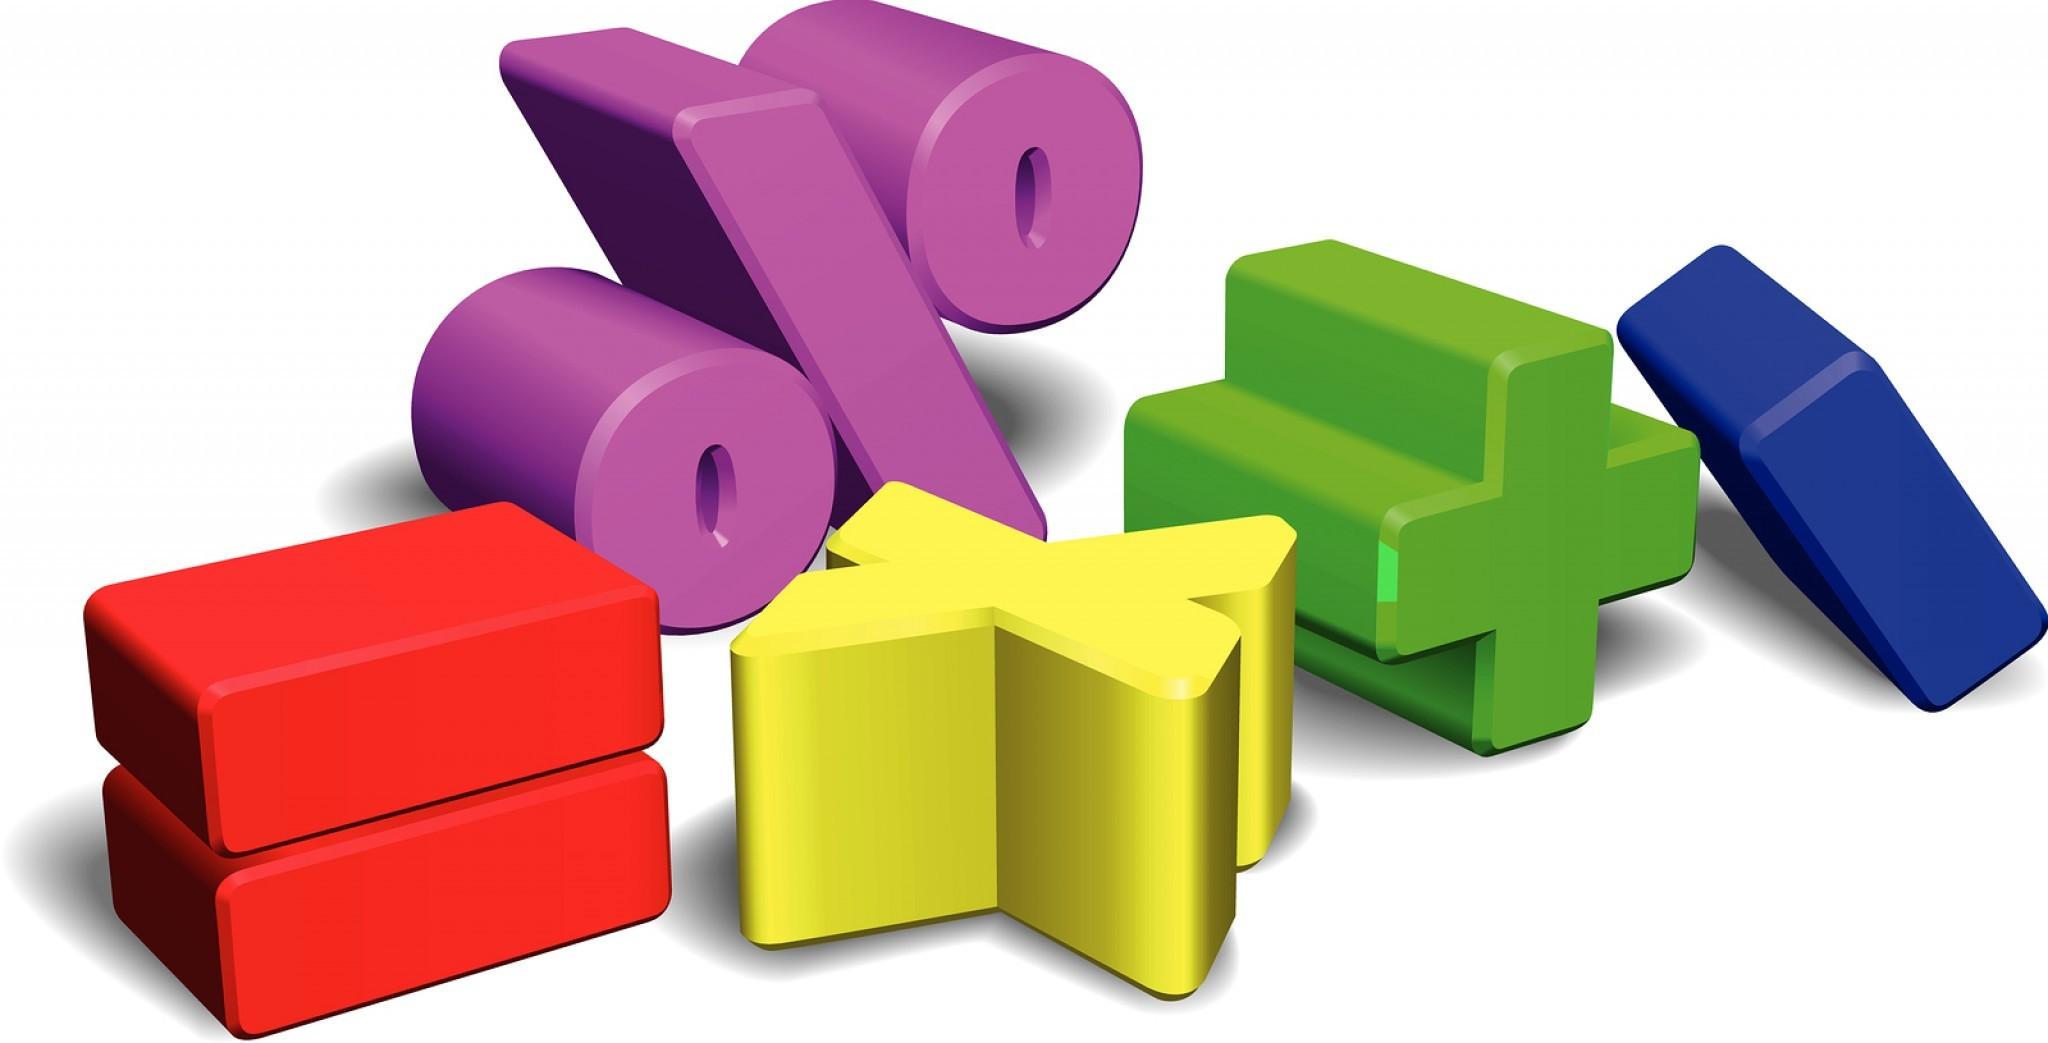 Maths Symbols Clipart Best